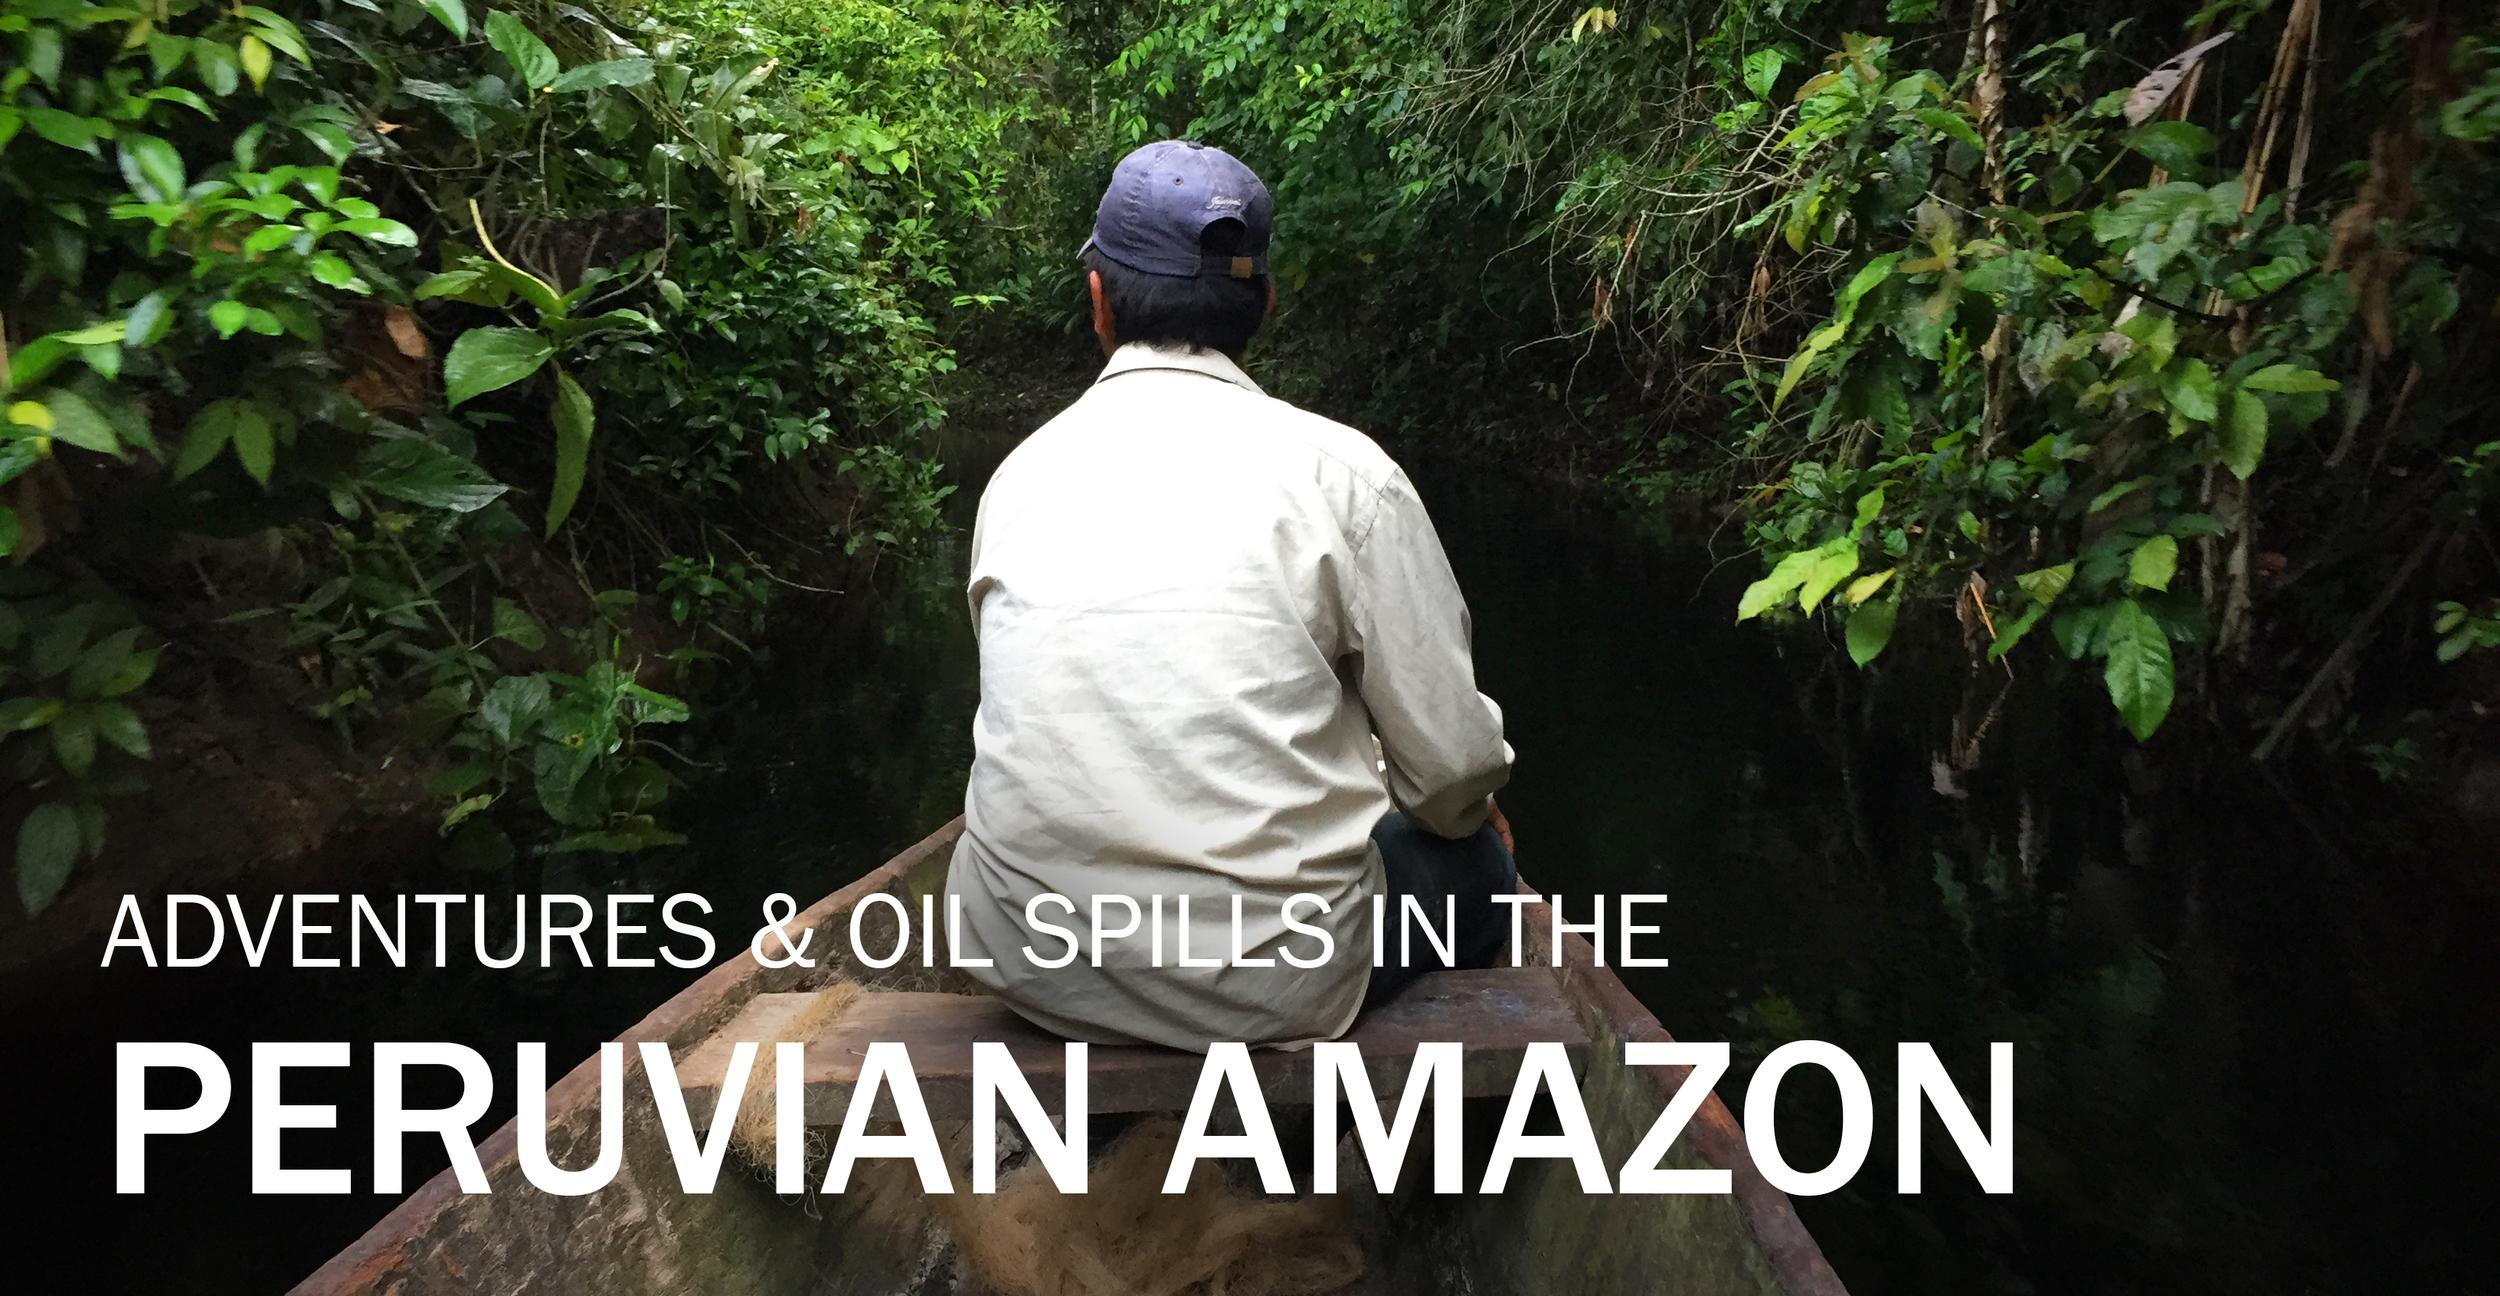 Peru_OilSpills2-header.jpg